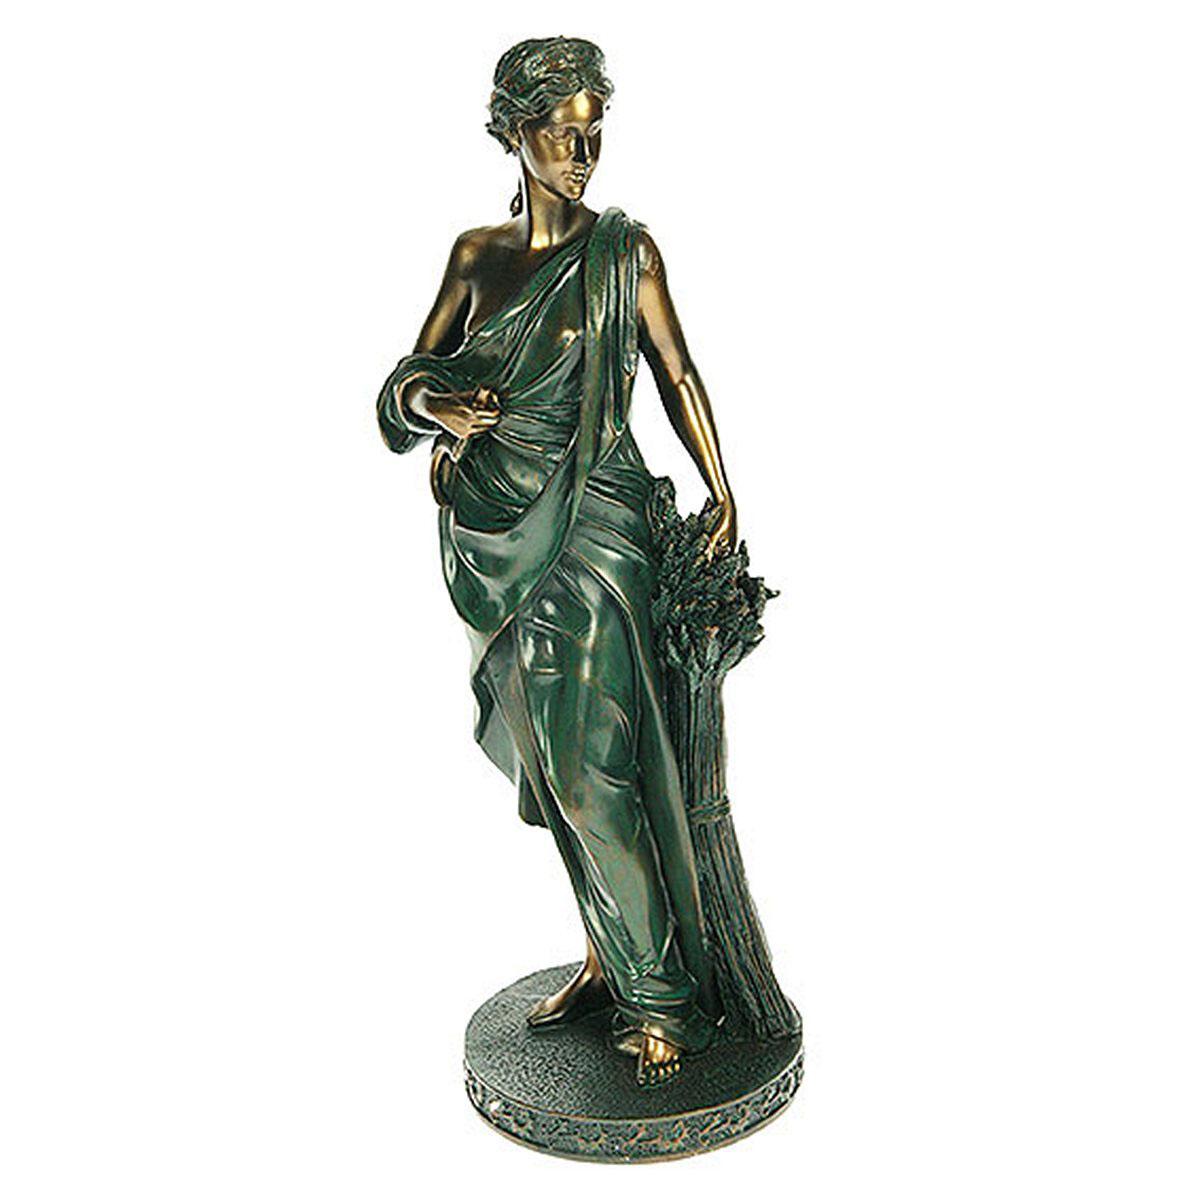 Статуэтка Русские Подарки Греческая богиня плодородия и земледелия - Деметра, 32 см127576